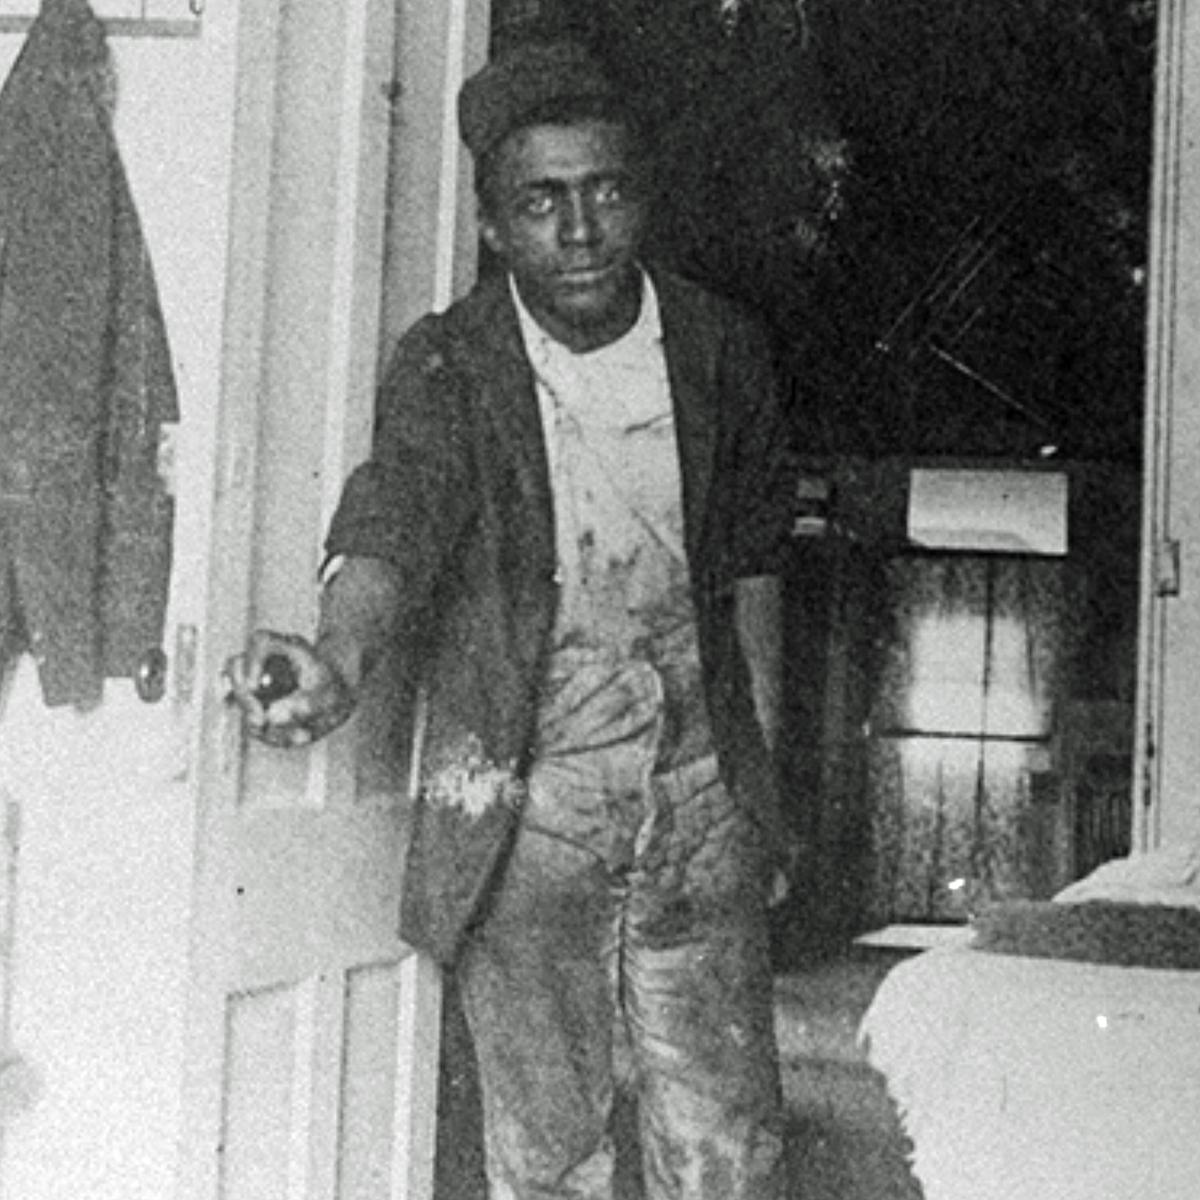 man at doorway